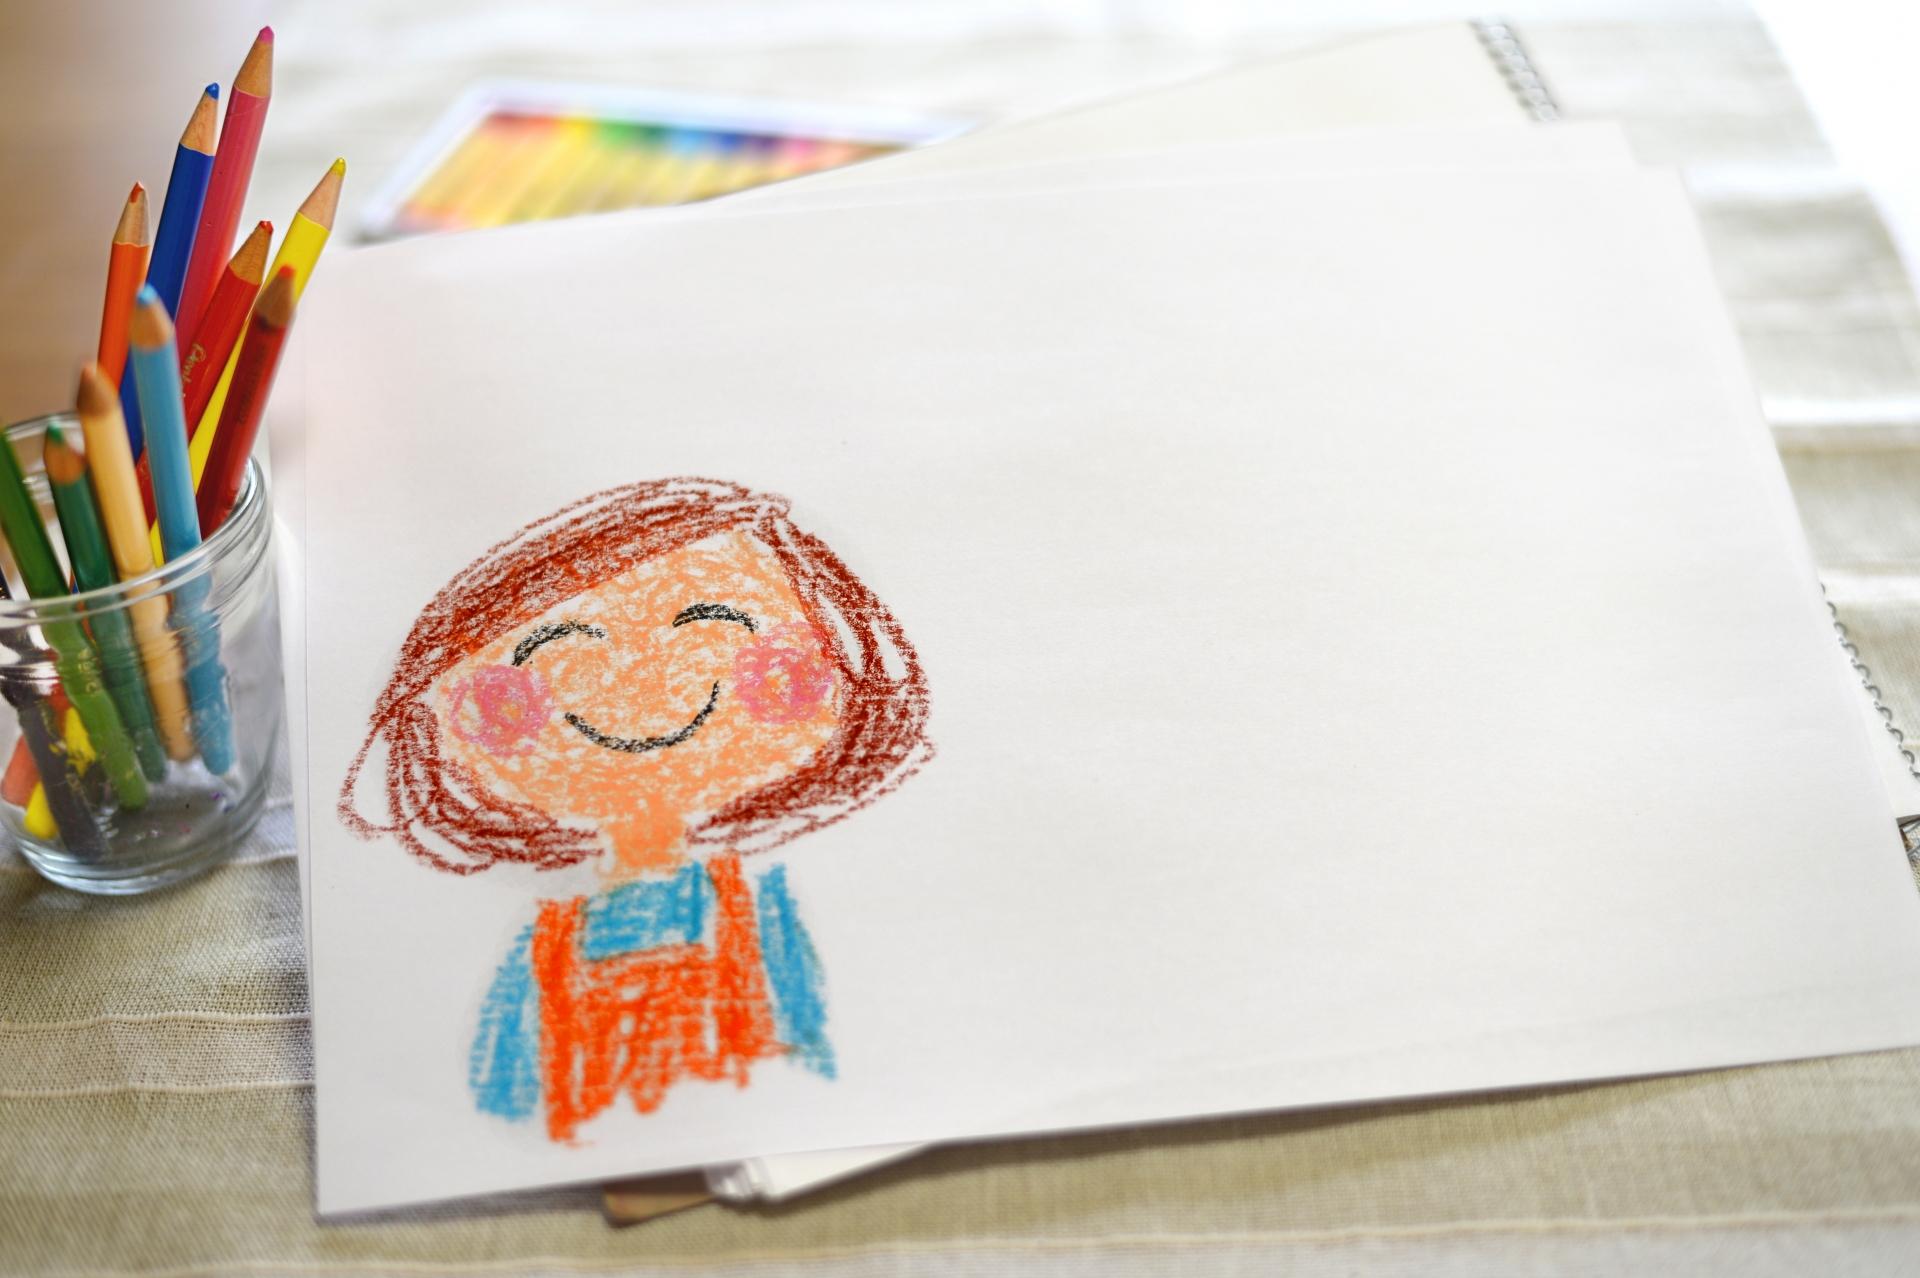 親のためにエンターテイメント化していく「2分の1成人式」は、学校行事・授業としてやるべきなのか?